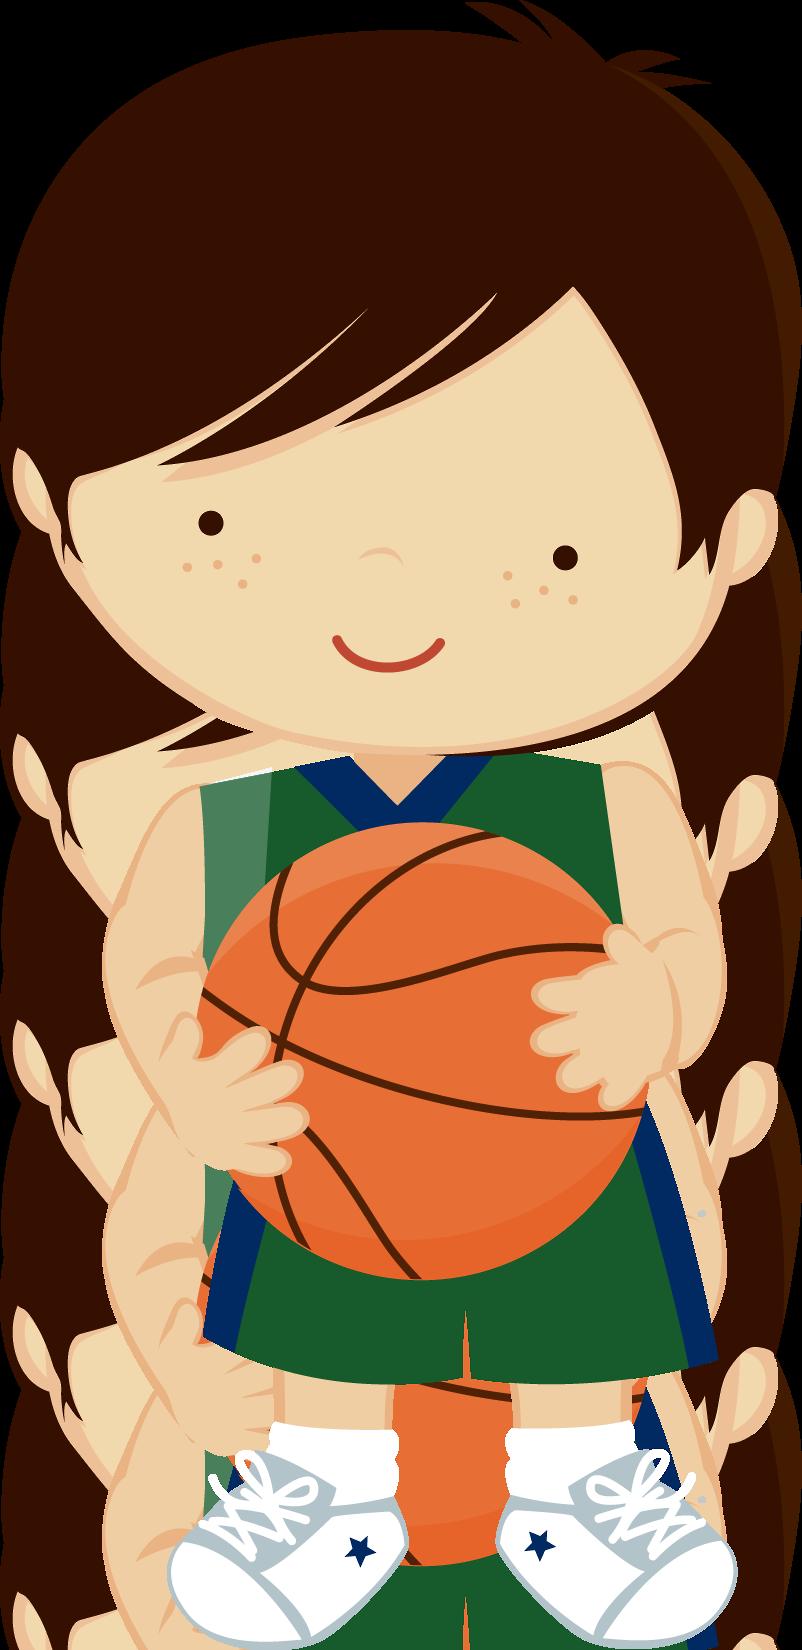 Pirates clipart basketball. Zwd white star minus